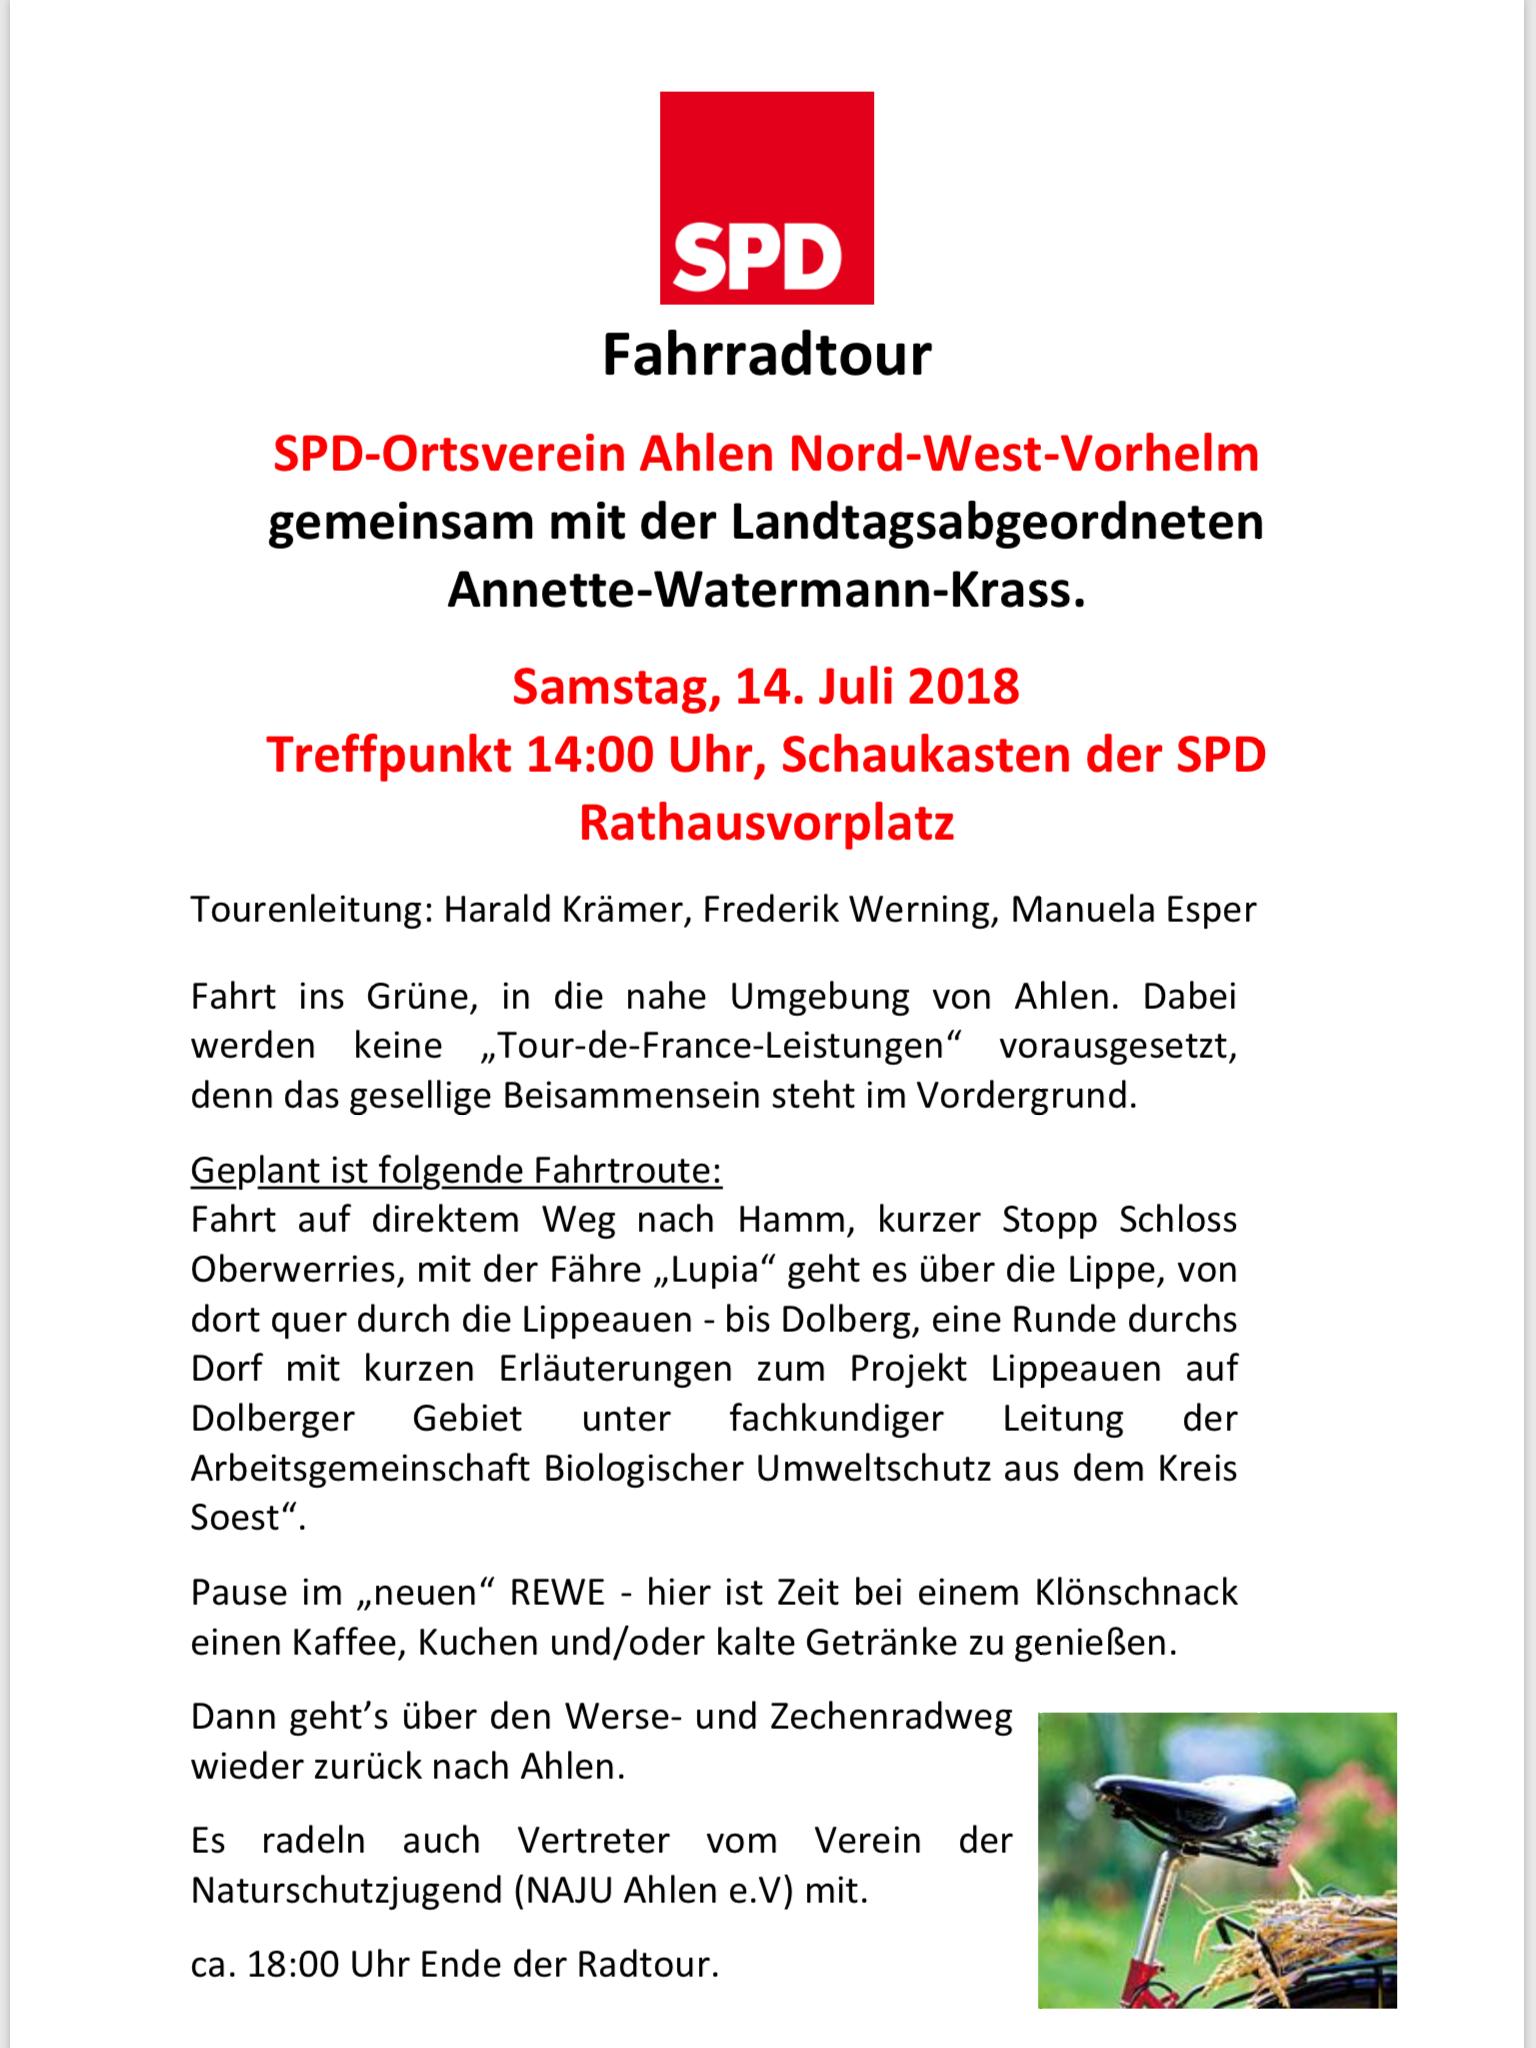 Fahrradtour des SPD Ortsvereins NWV am 14.07.2018 › SPD Ahlen